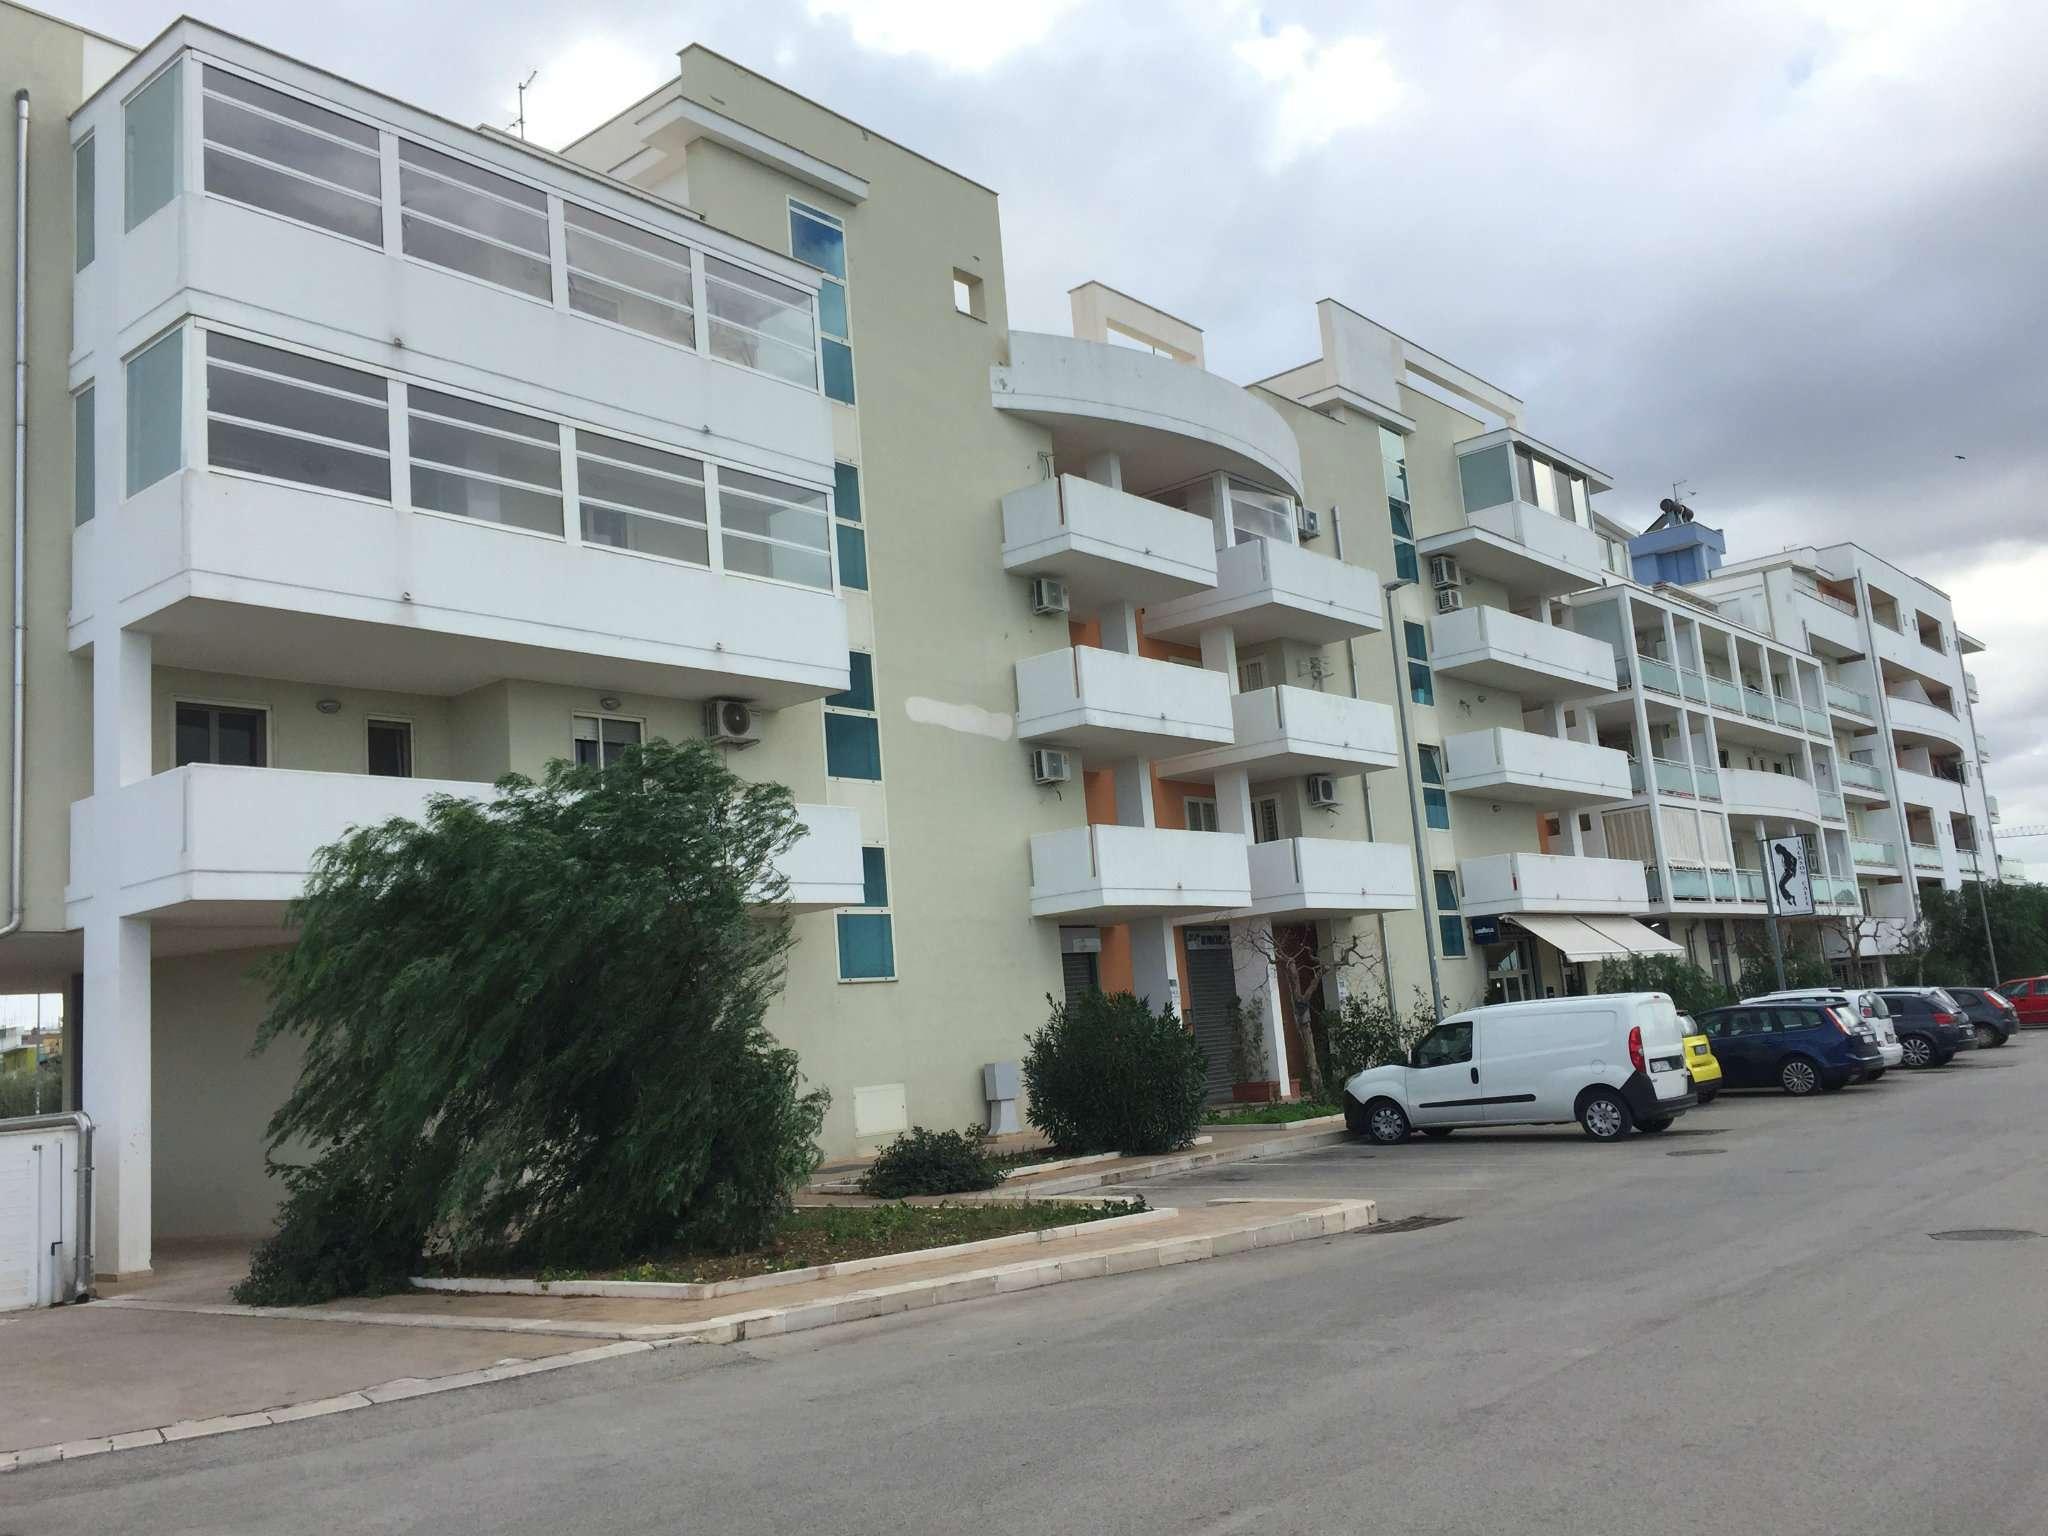 Appartamento in vendita a Bitetto, 3 locali, prezzo € 165.000 | CambioCasa.it